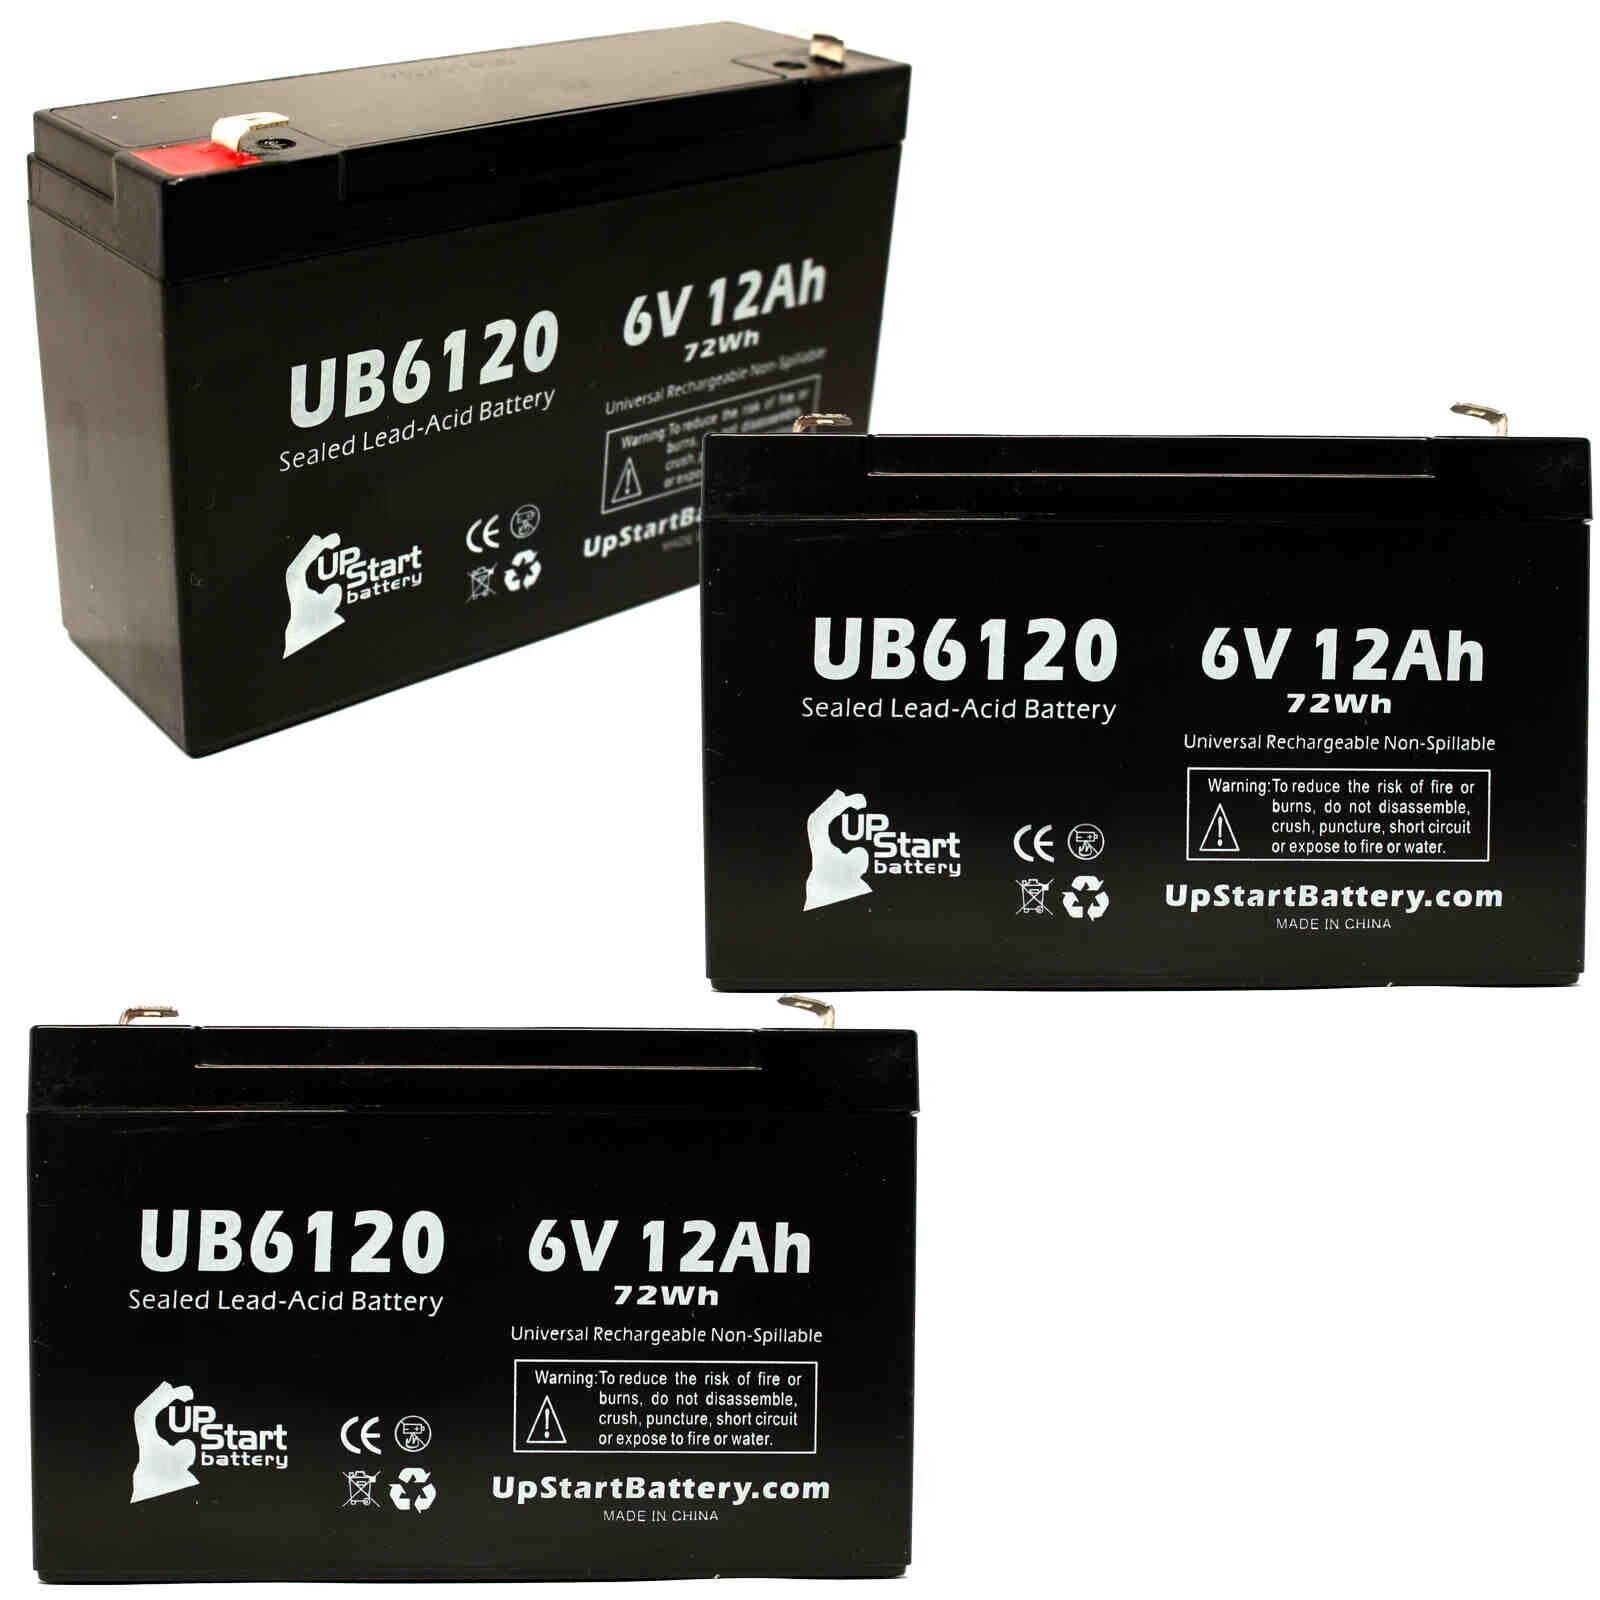 3x 6V 12Ah Sealed Lead Acid Battery For Tripp-Lite SMART1050 UB6120